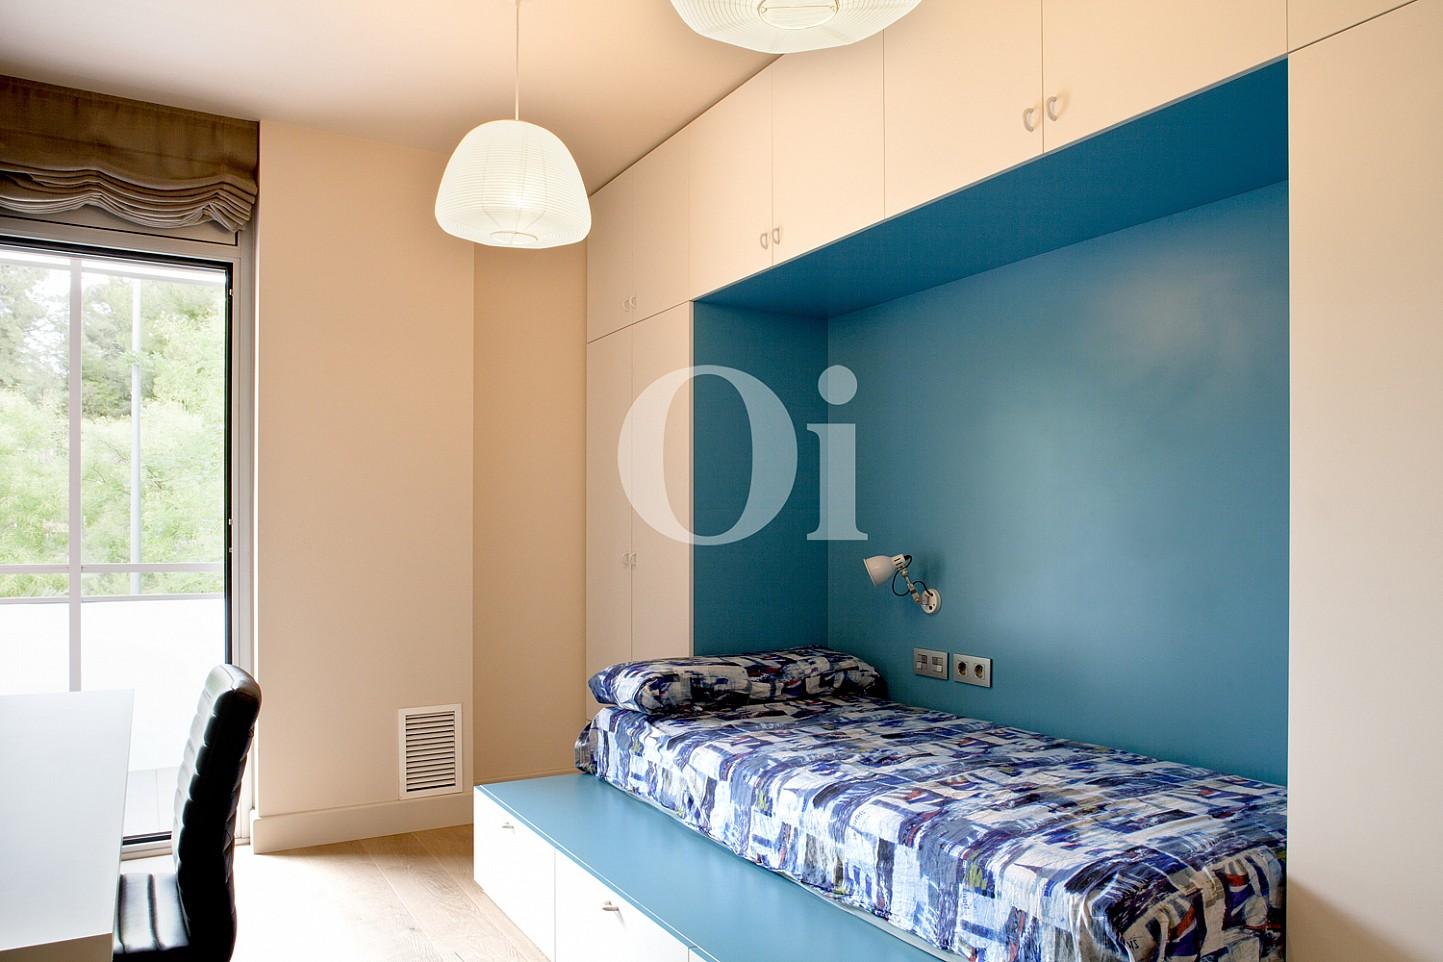 dormitorio simple, habitación simple, dormitorio individual, cama, cama individual, dormitorio con terraza